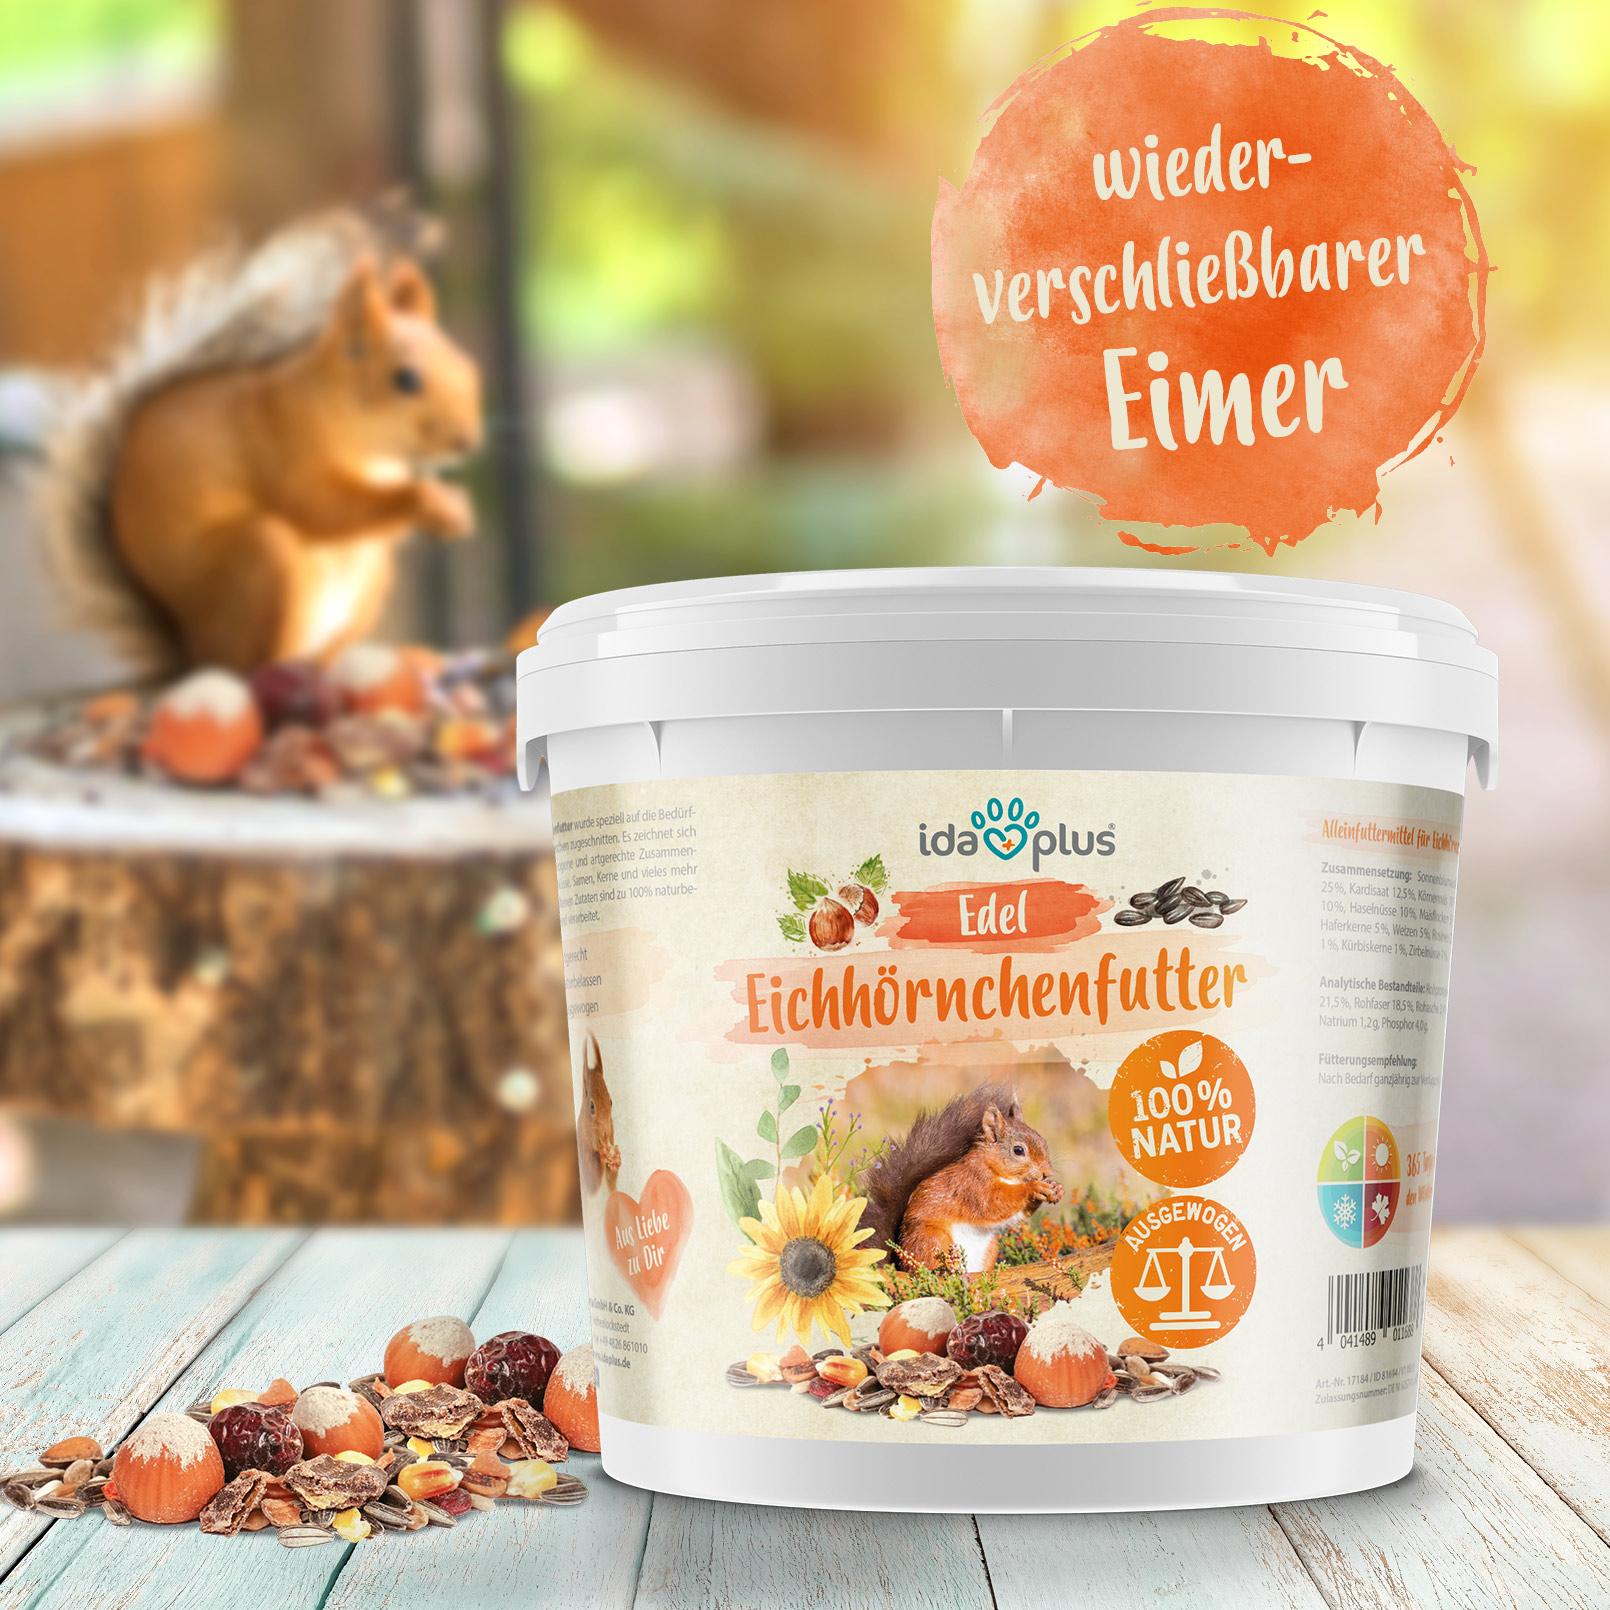 Edel Eichhörnchenfutter - artgerechtes Ganzjahres Futter im praktischen Eimer - 1kg